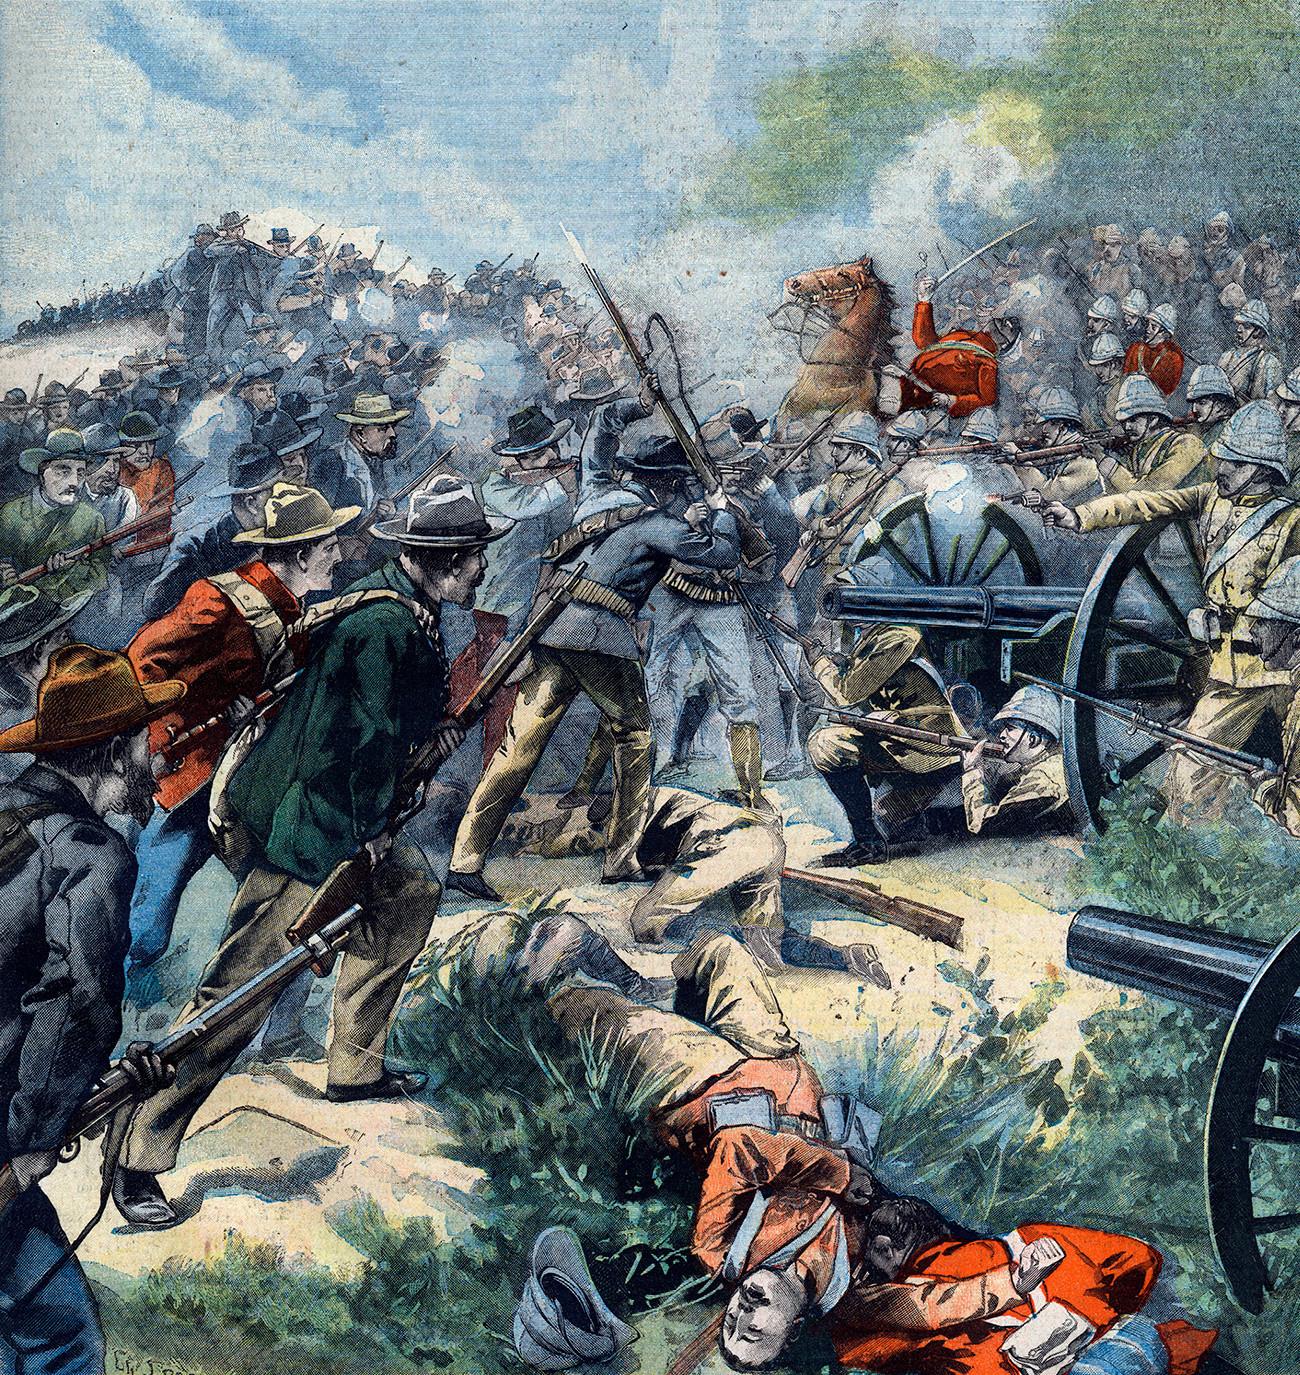 Втора бурска војна во Трансвал, пораз на Англичаните во Беркелакт. Насловна страница на францускиот весник Le Petit Parisien, 17 ноември 1901 година.